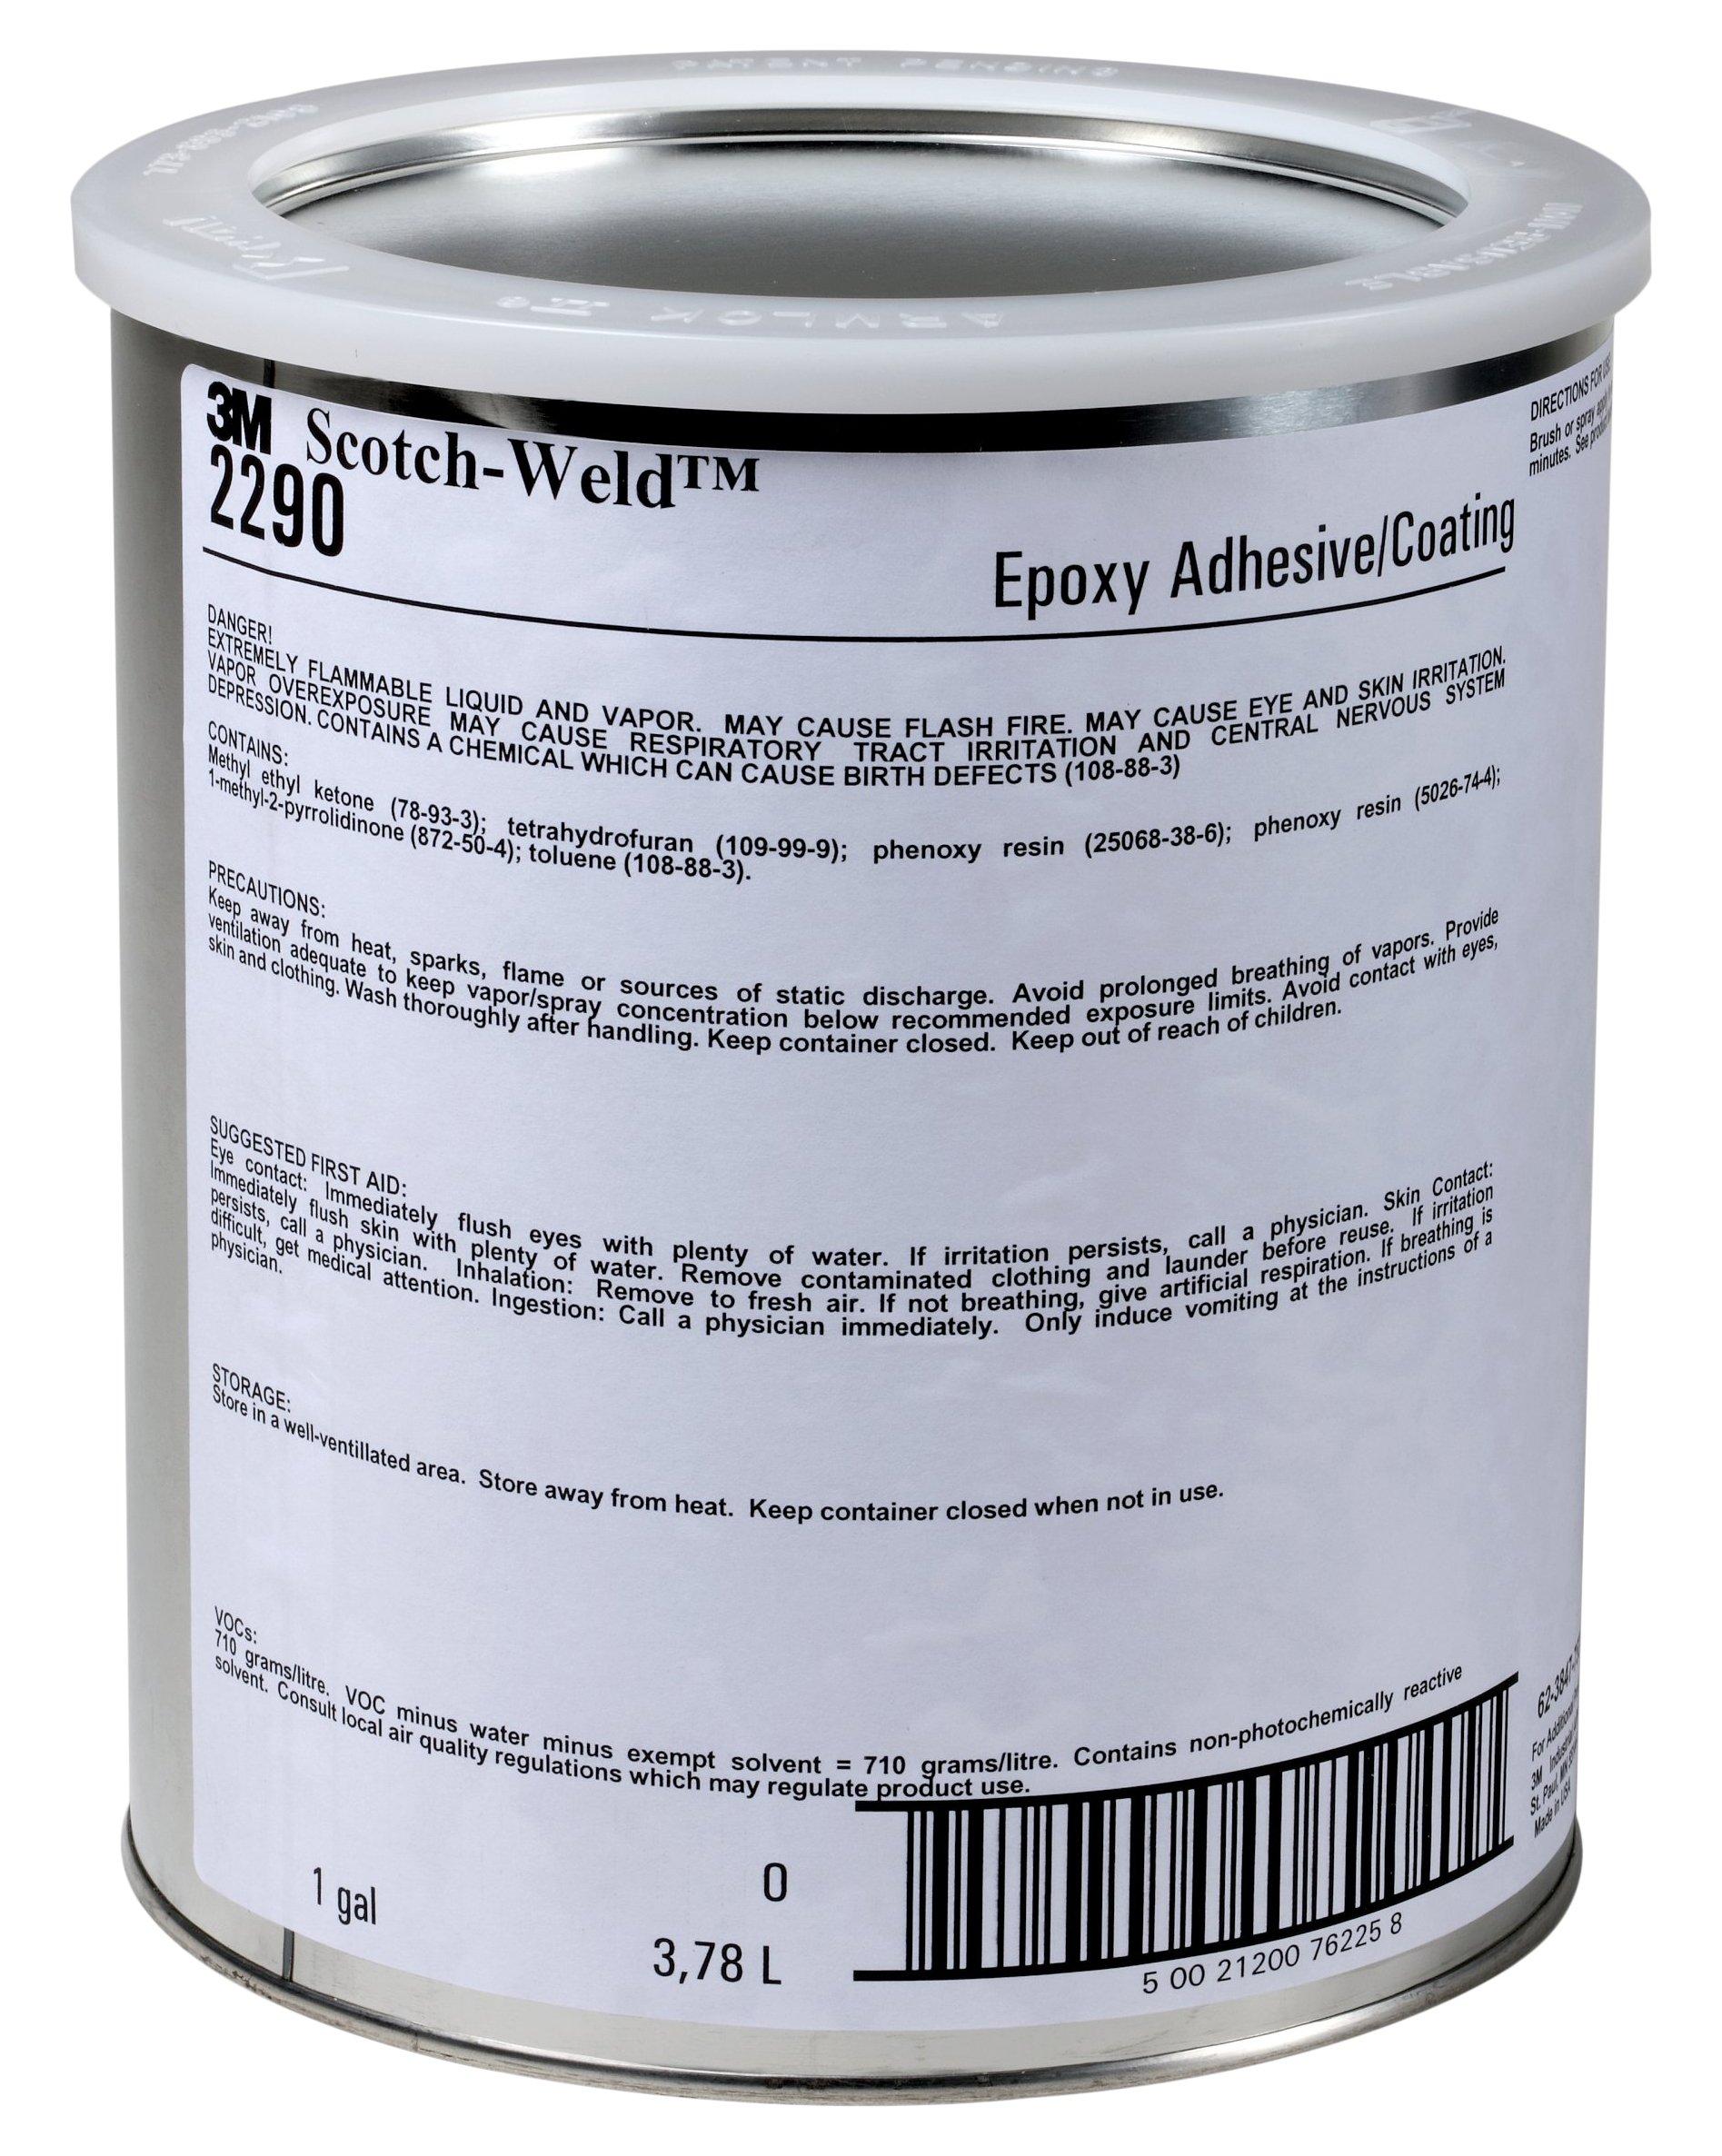 3M Scotch-Weld 76225 Epoxy Adhesive 2290, Amber, 1 gal by 3M Scotch-Weld